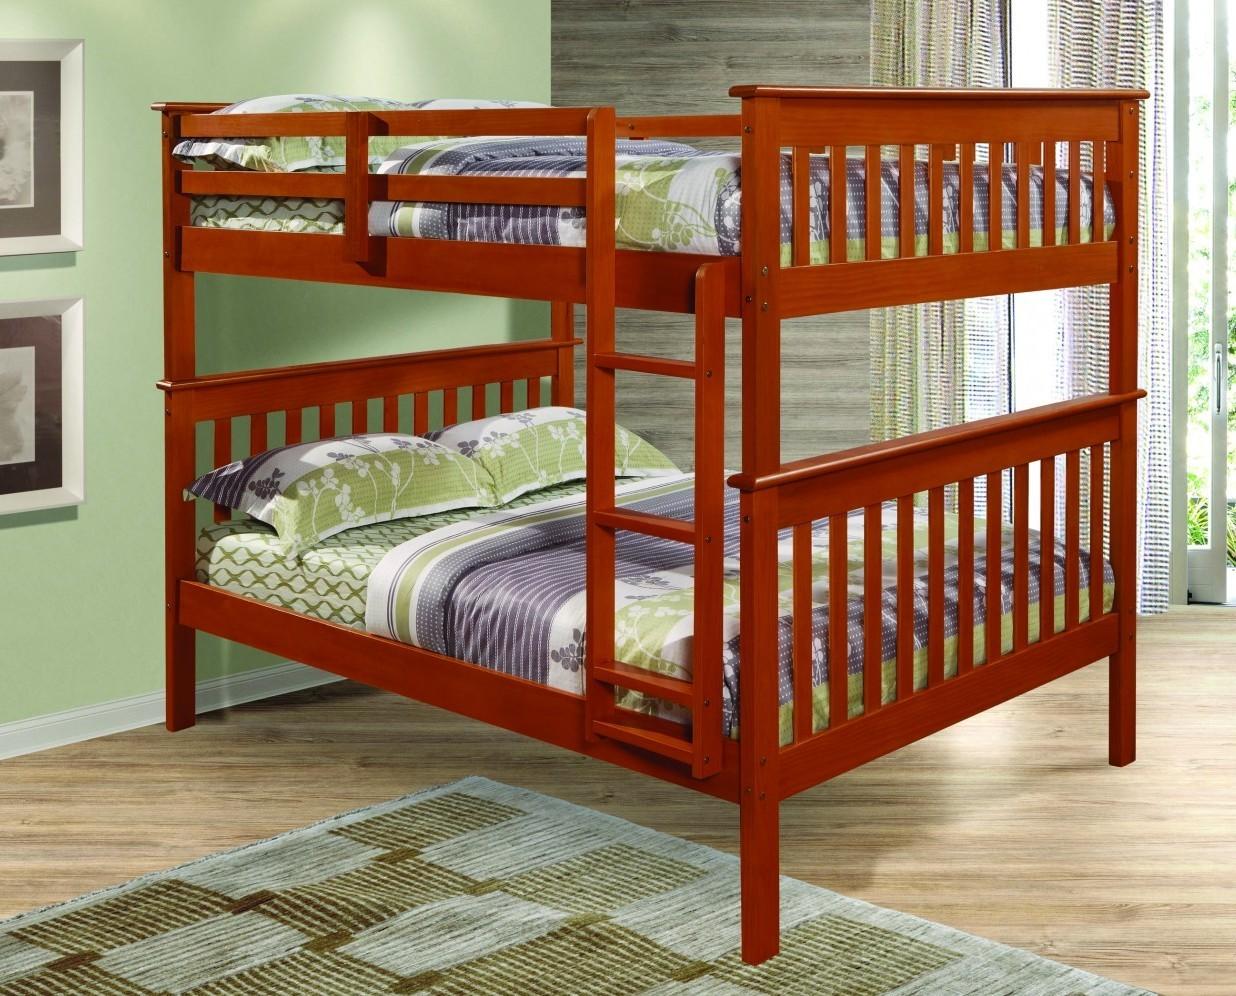 123-3E_FF_Mission Bunk Bed